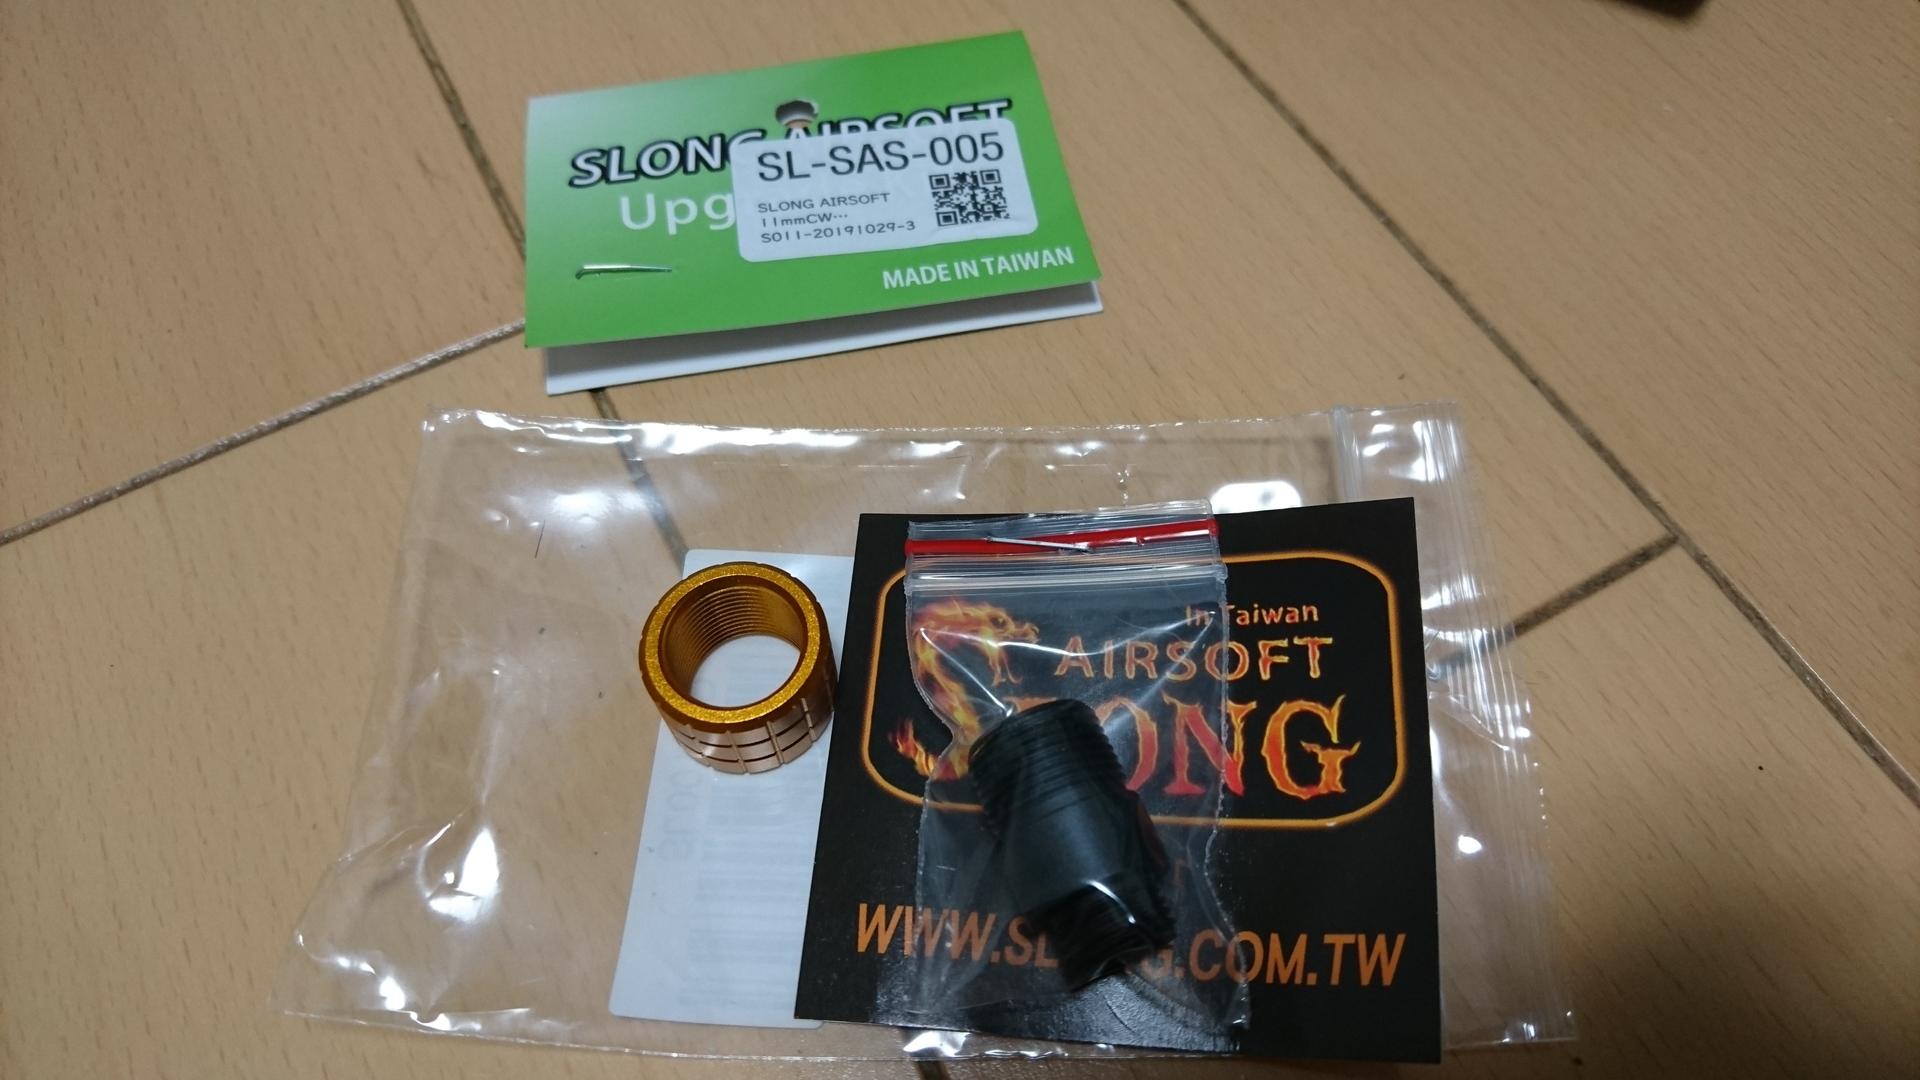 SLONG AIRSOFT サイレンサーアダプター M&P9 商品写真